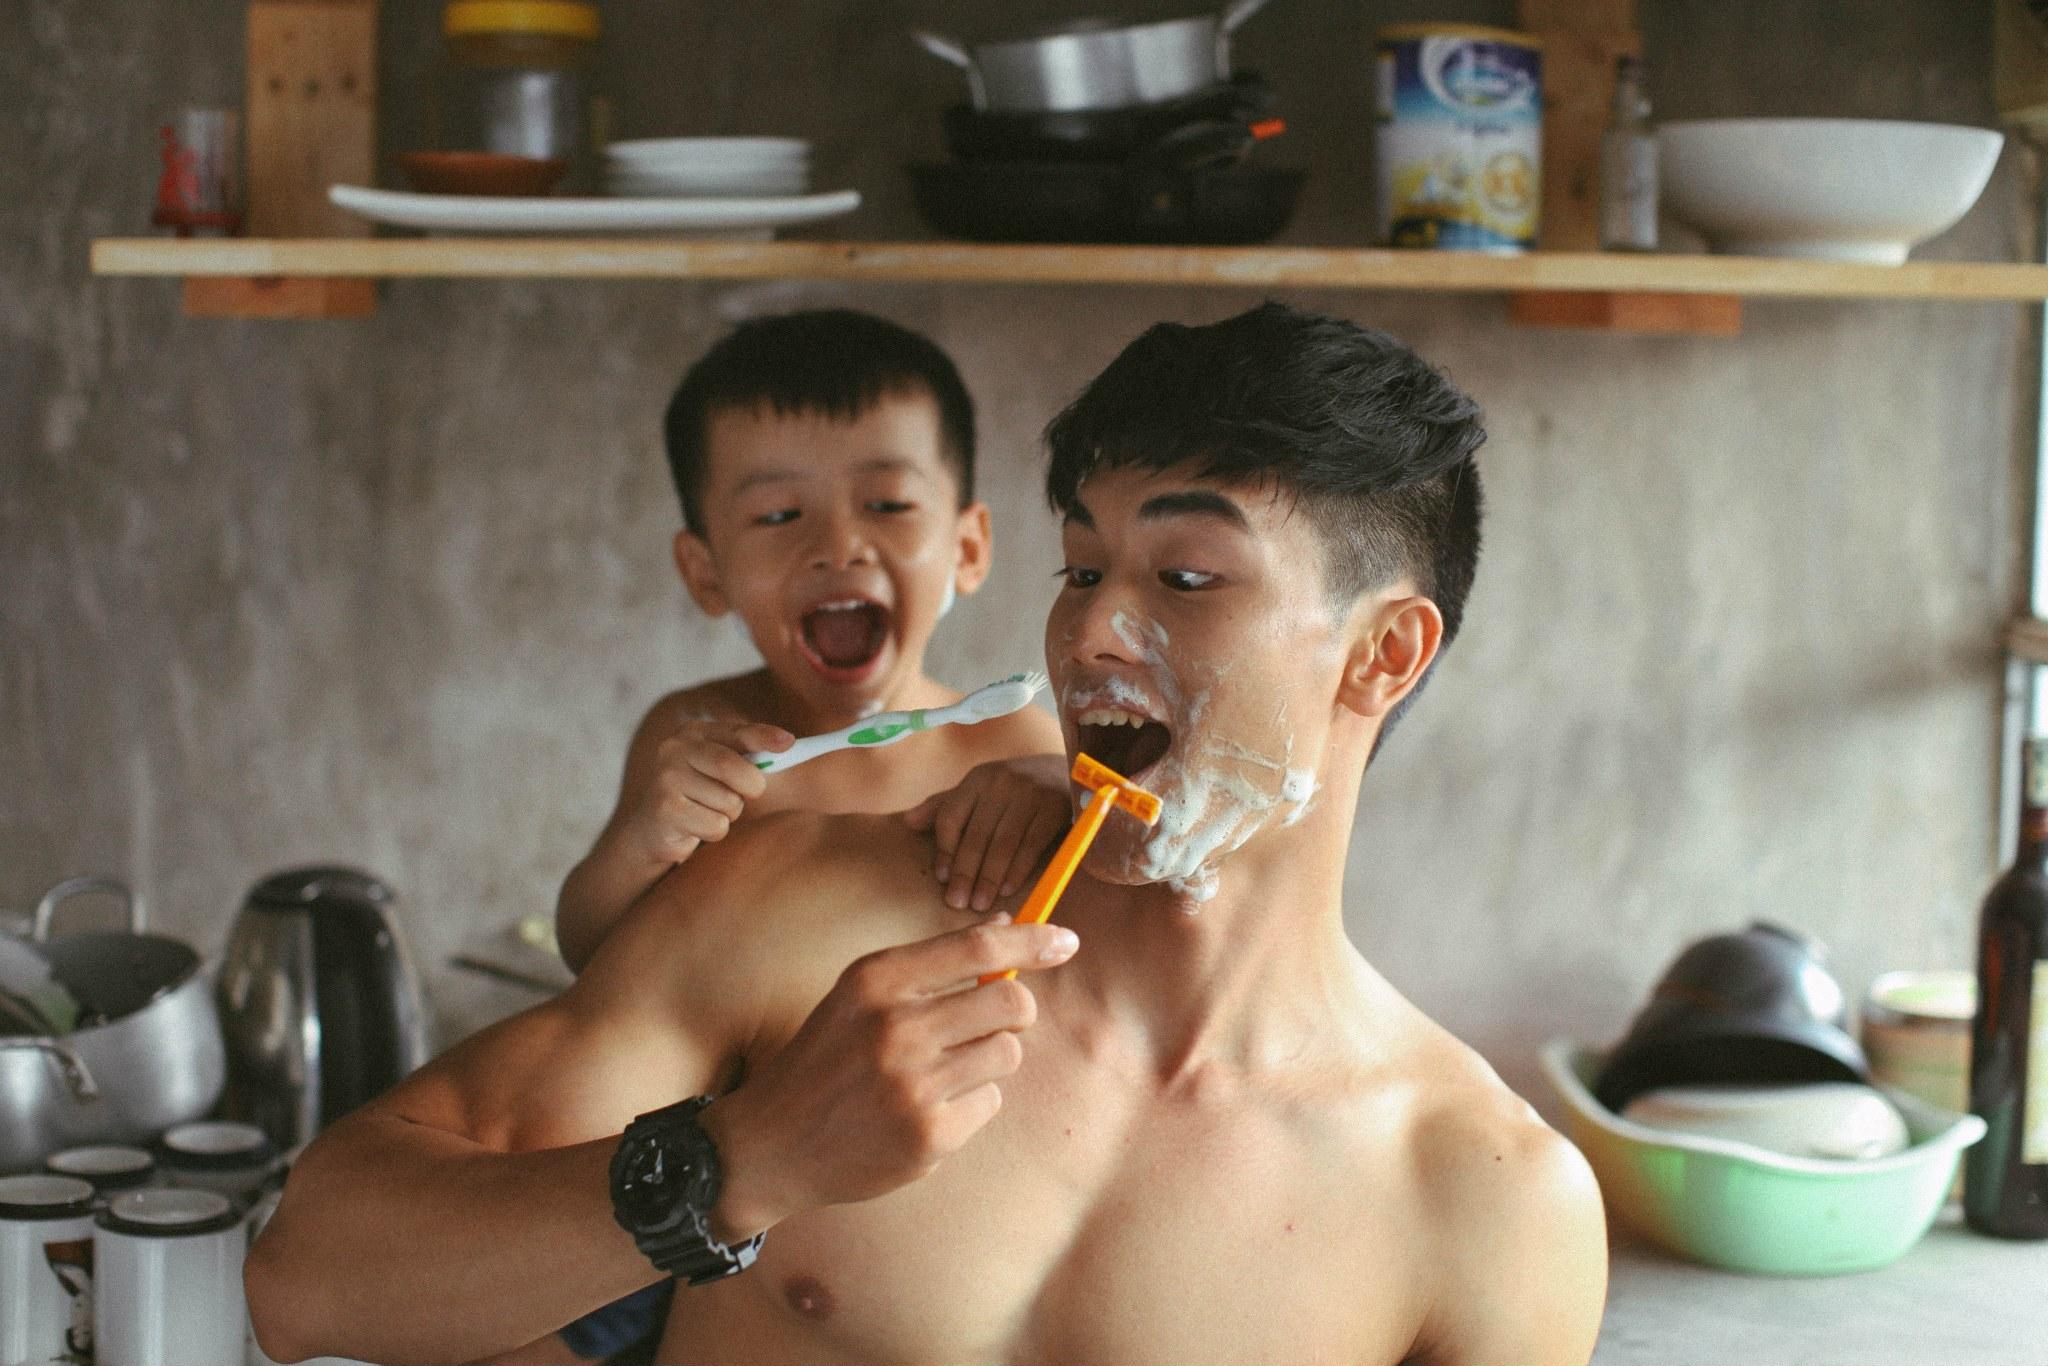 Làm bố đơn thân ở tuổi 23 - ngã rẽ cuộc đời trước tuổi trưởng thành